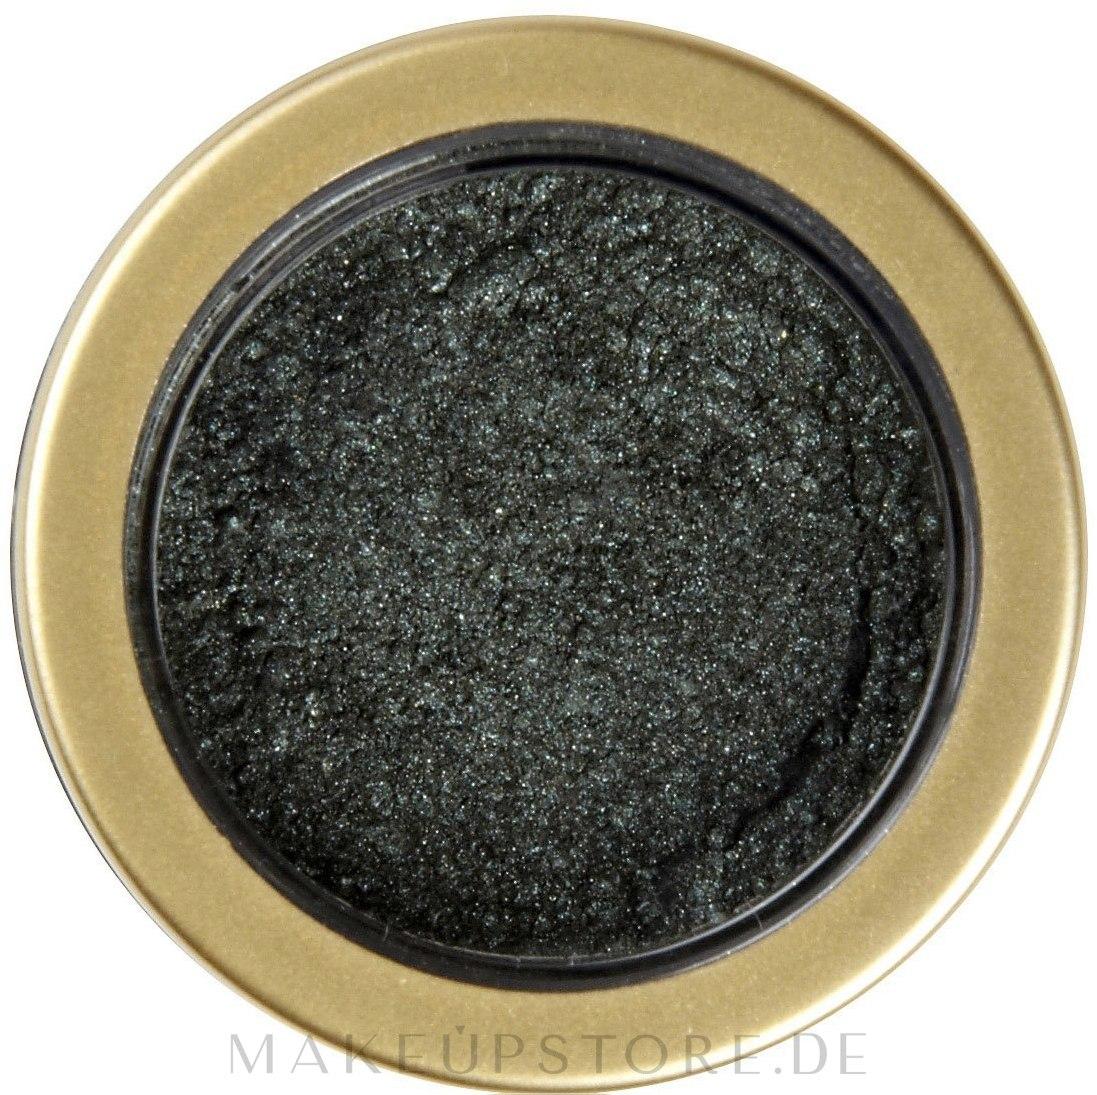 Glitterpulver - Jane Iredale 24 Karat Dust Shimmer Powder — Bild Green